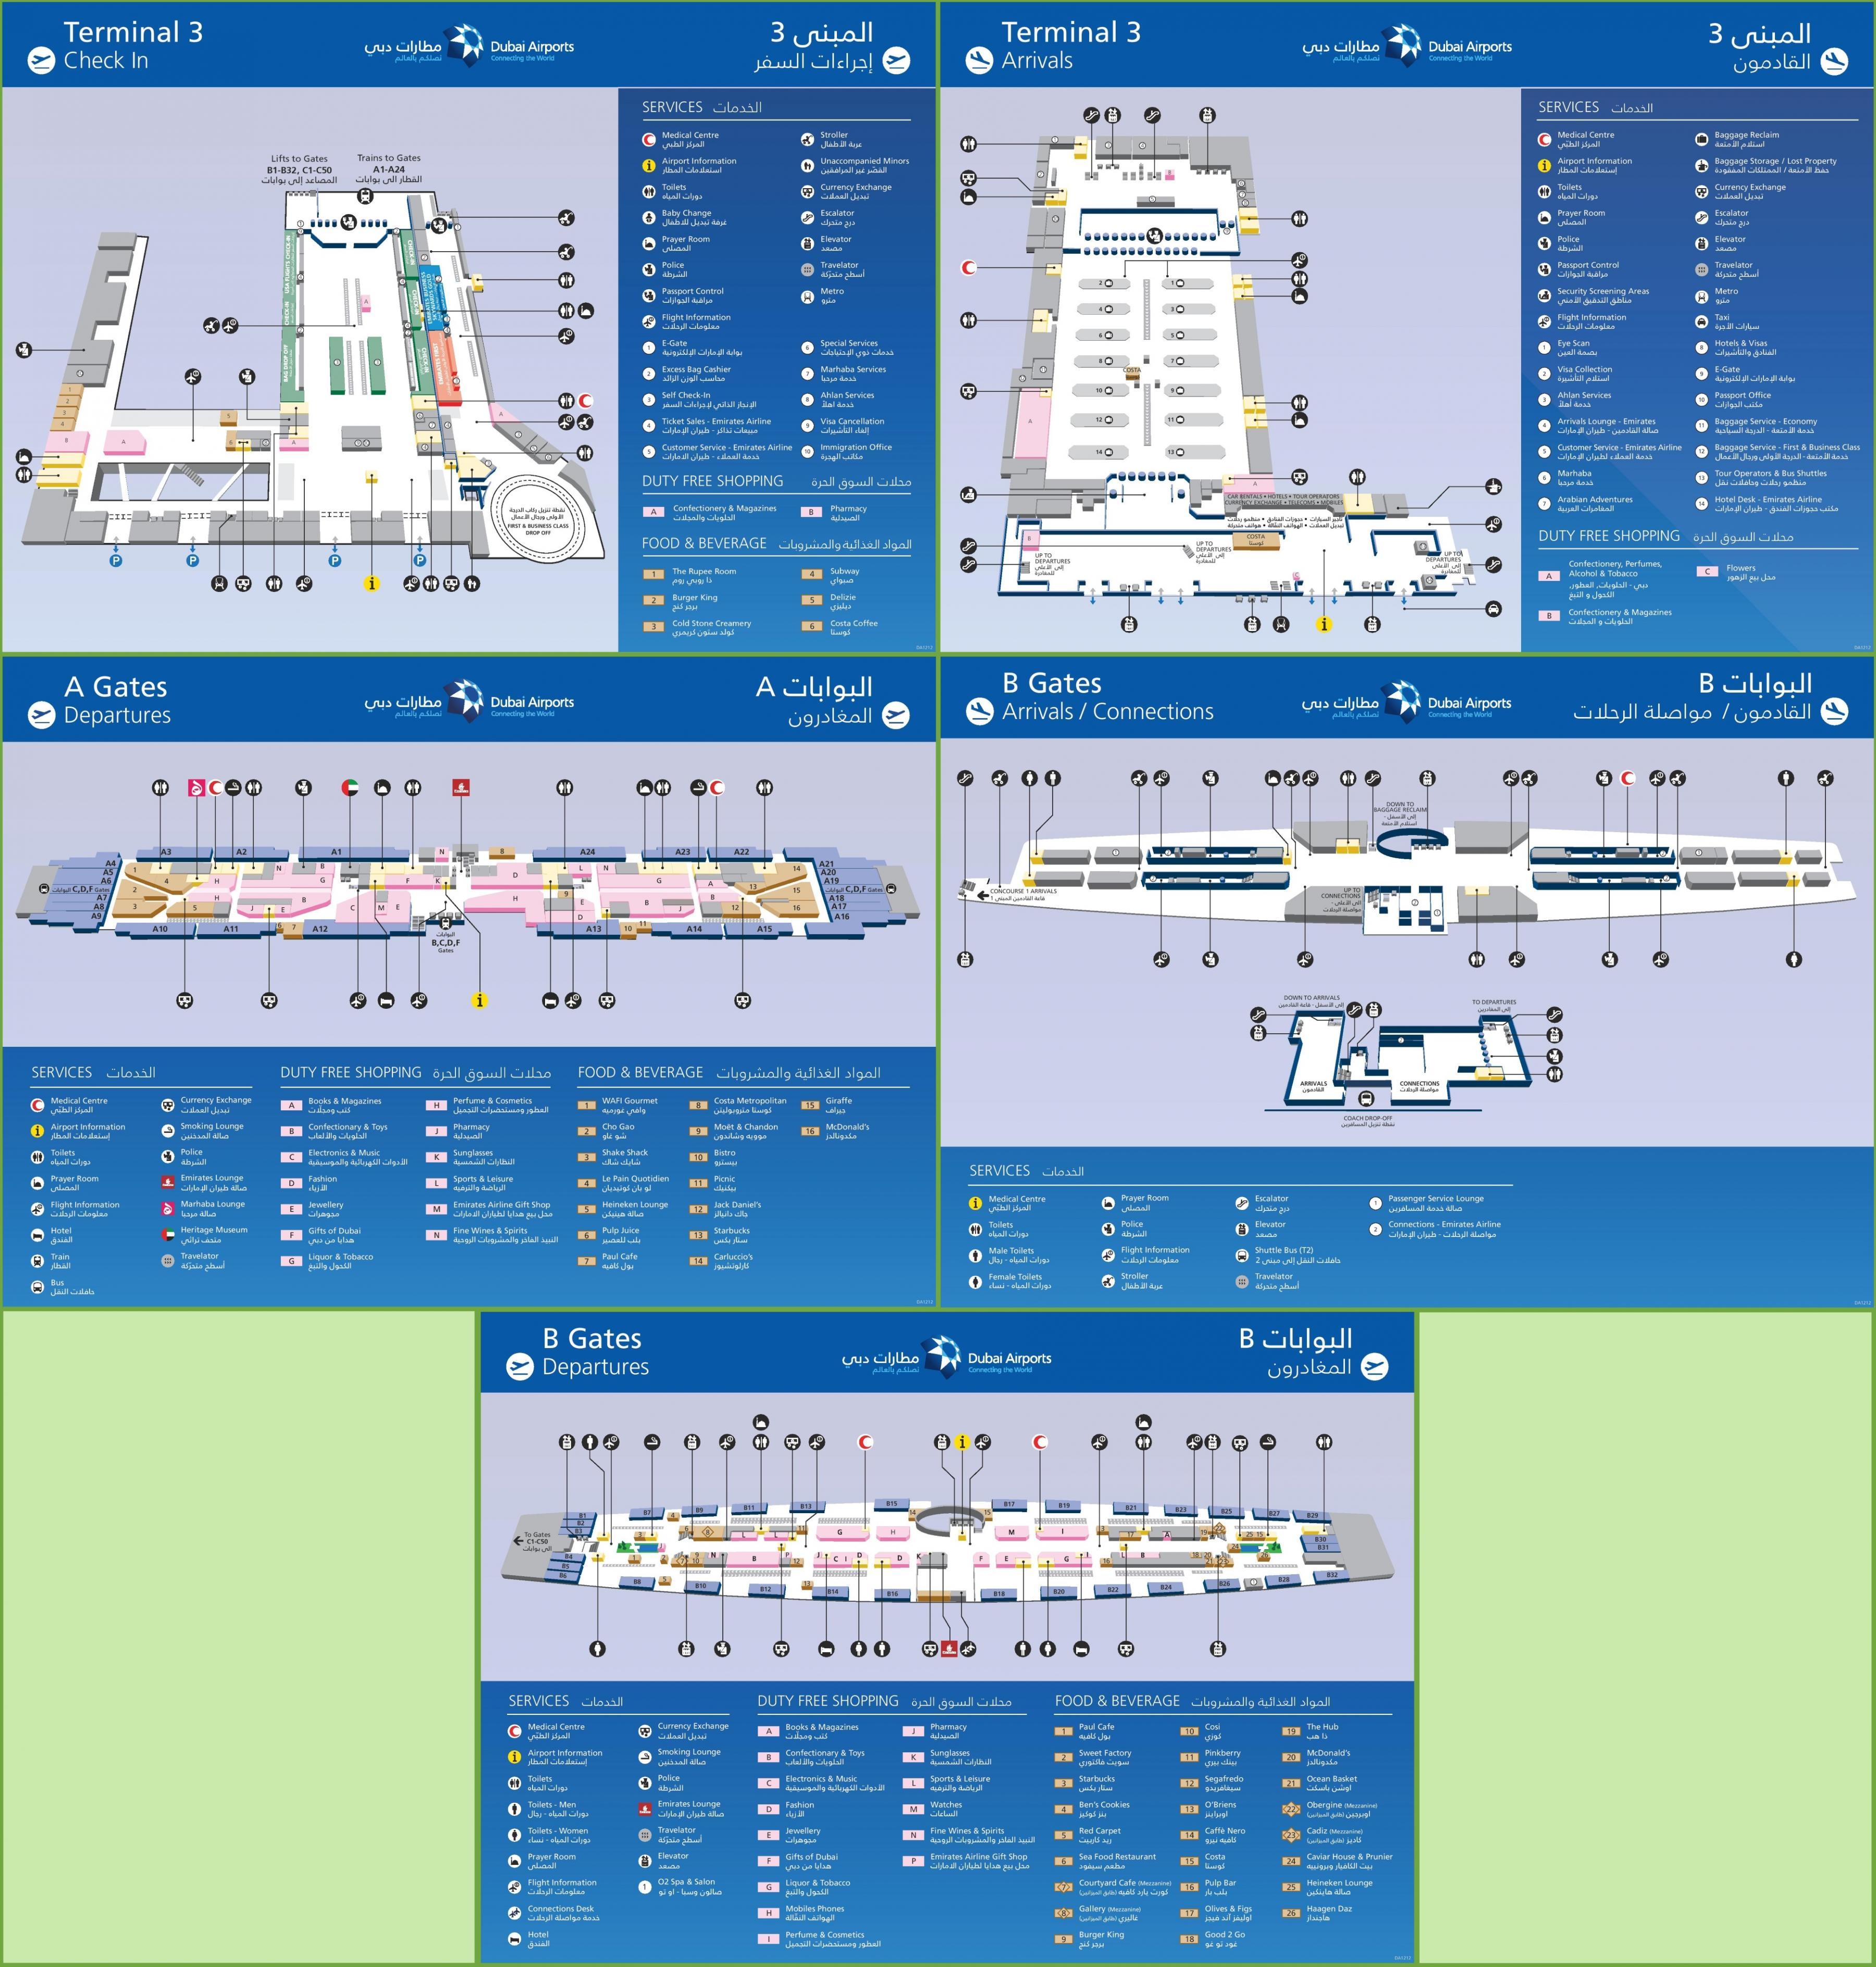 karta dubai flygplats Dubais flygplats och karta terminal 3   Dubai terminal 3 på karta  karta dubai flygplats